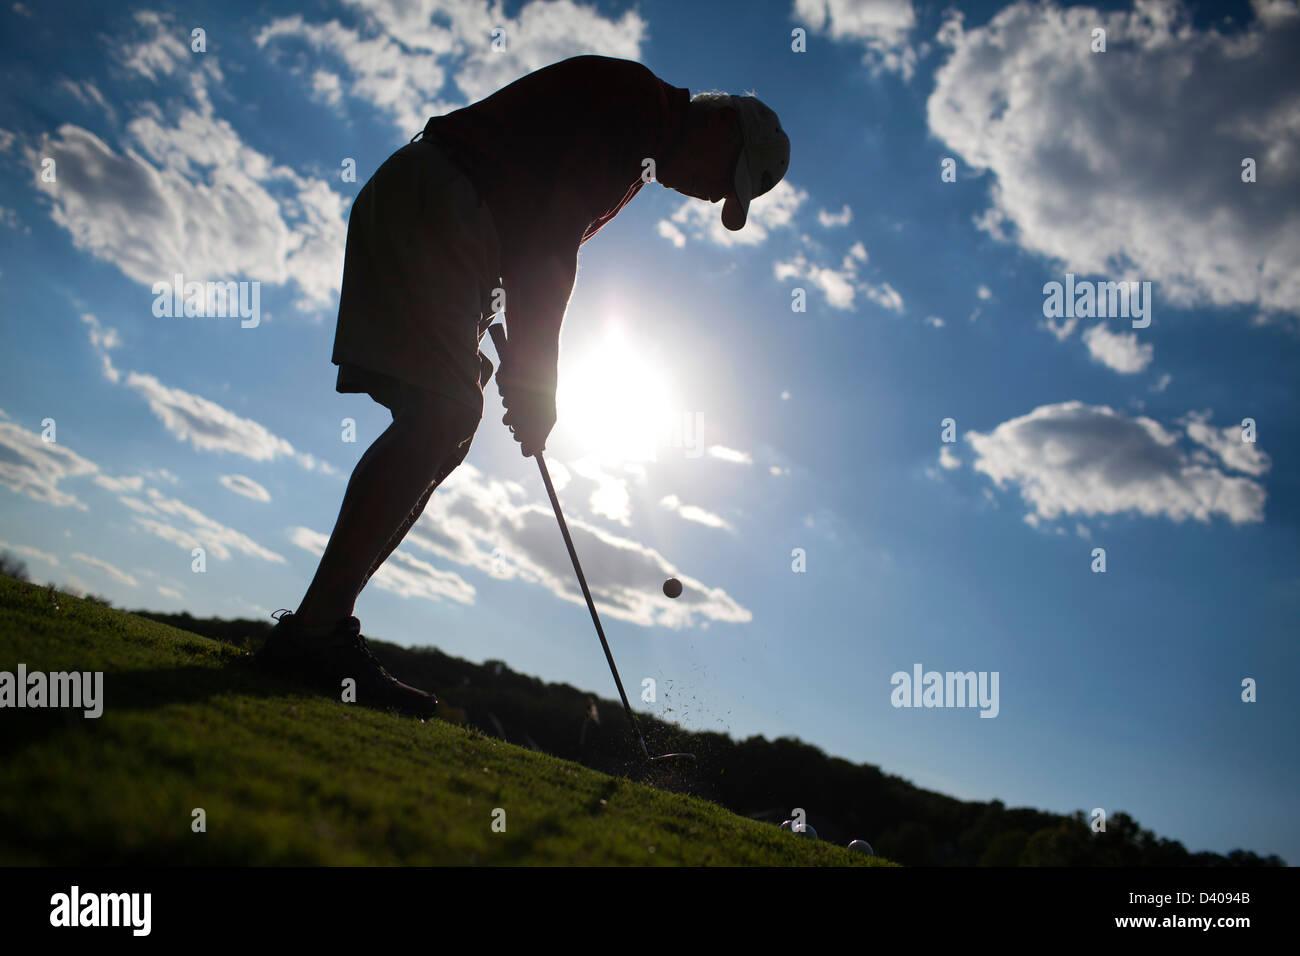 Un golfeur aîné emplacements sur un green à un practice de golf. Photo Stock